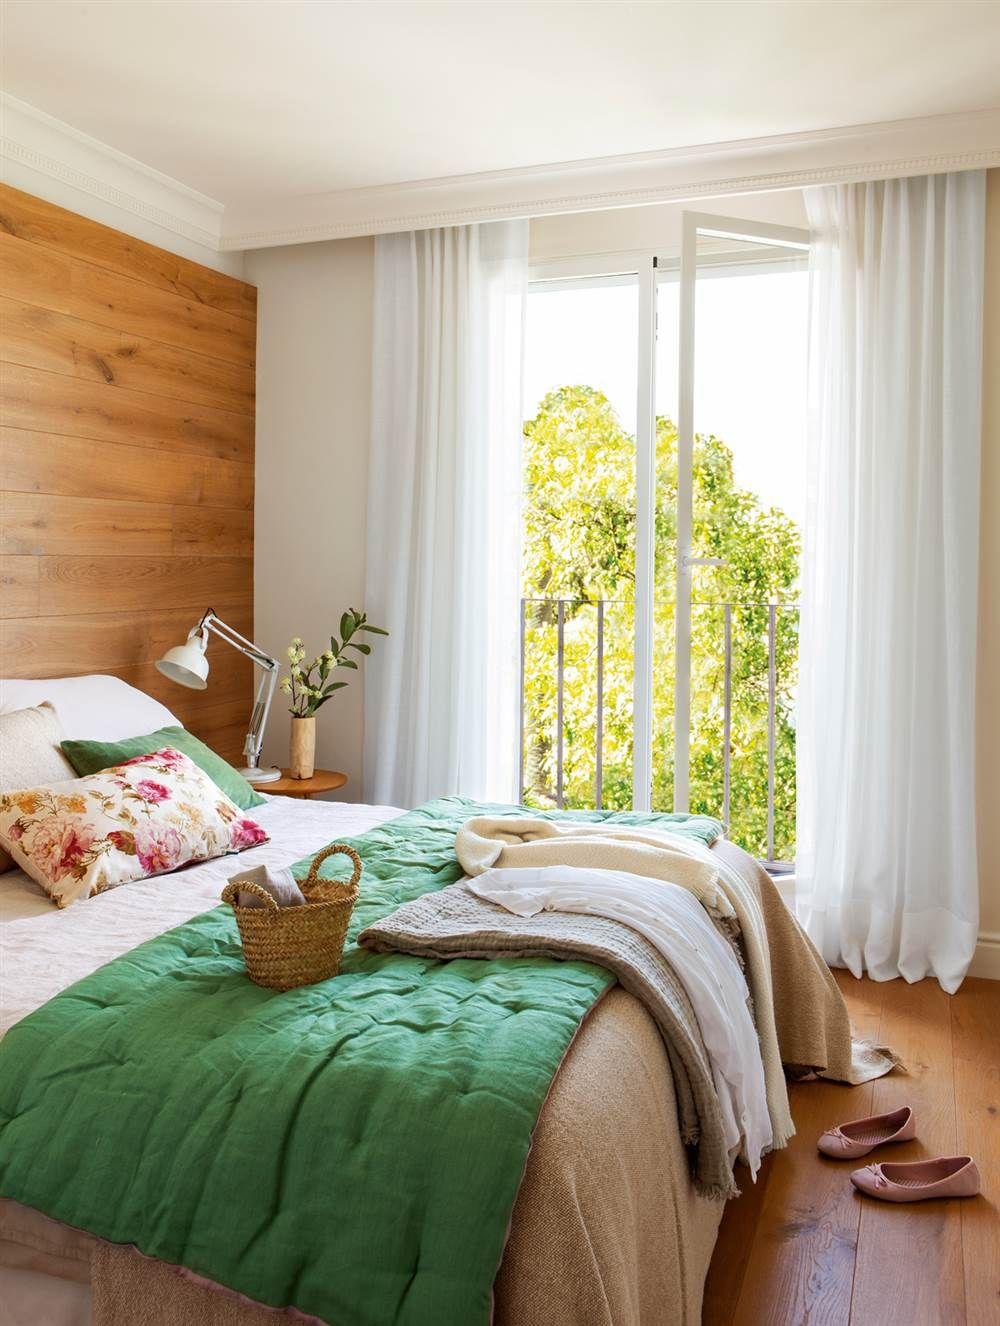 La Cama Para Dormir Mejor E Ideas Para Elegir El Cabecero La  ~ Orientacion De La Cama Para Dormir